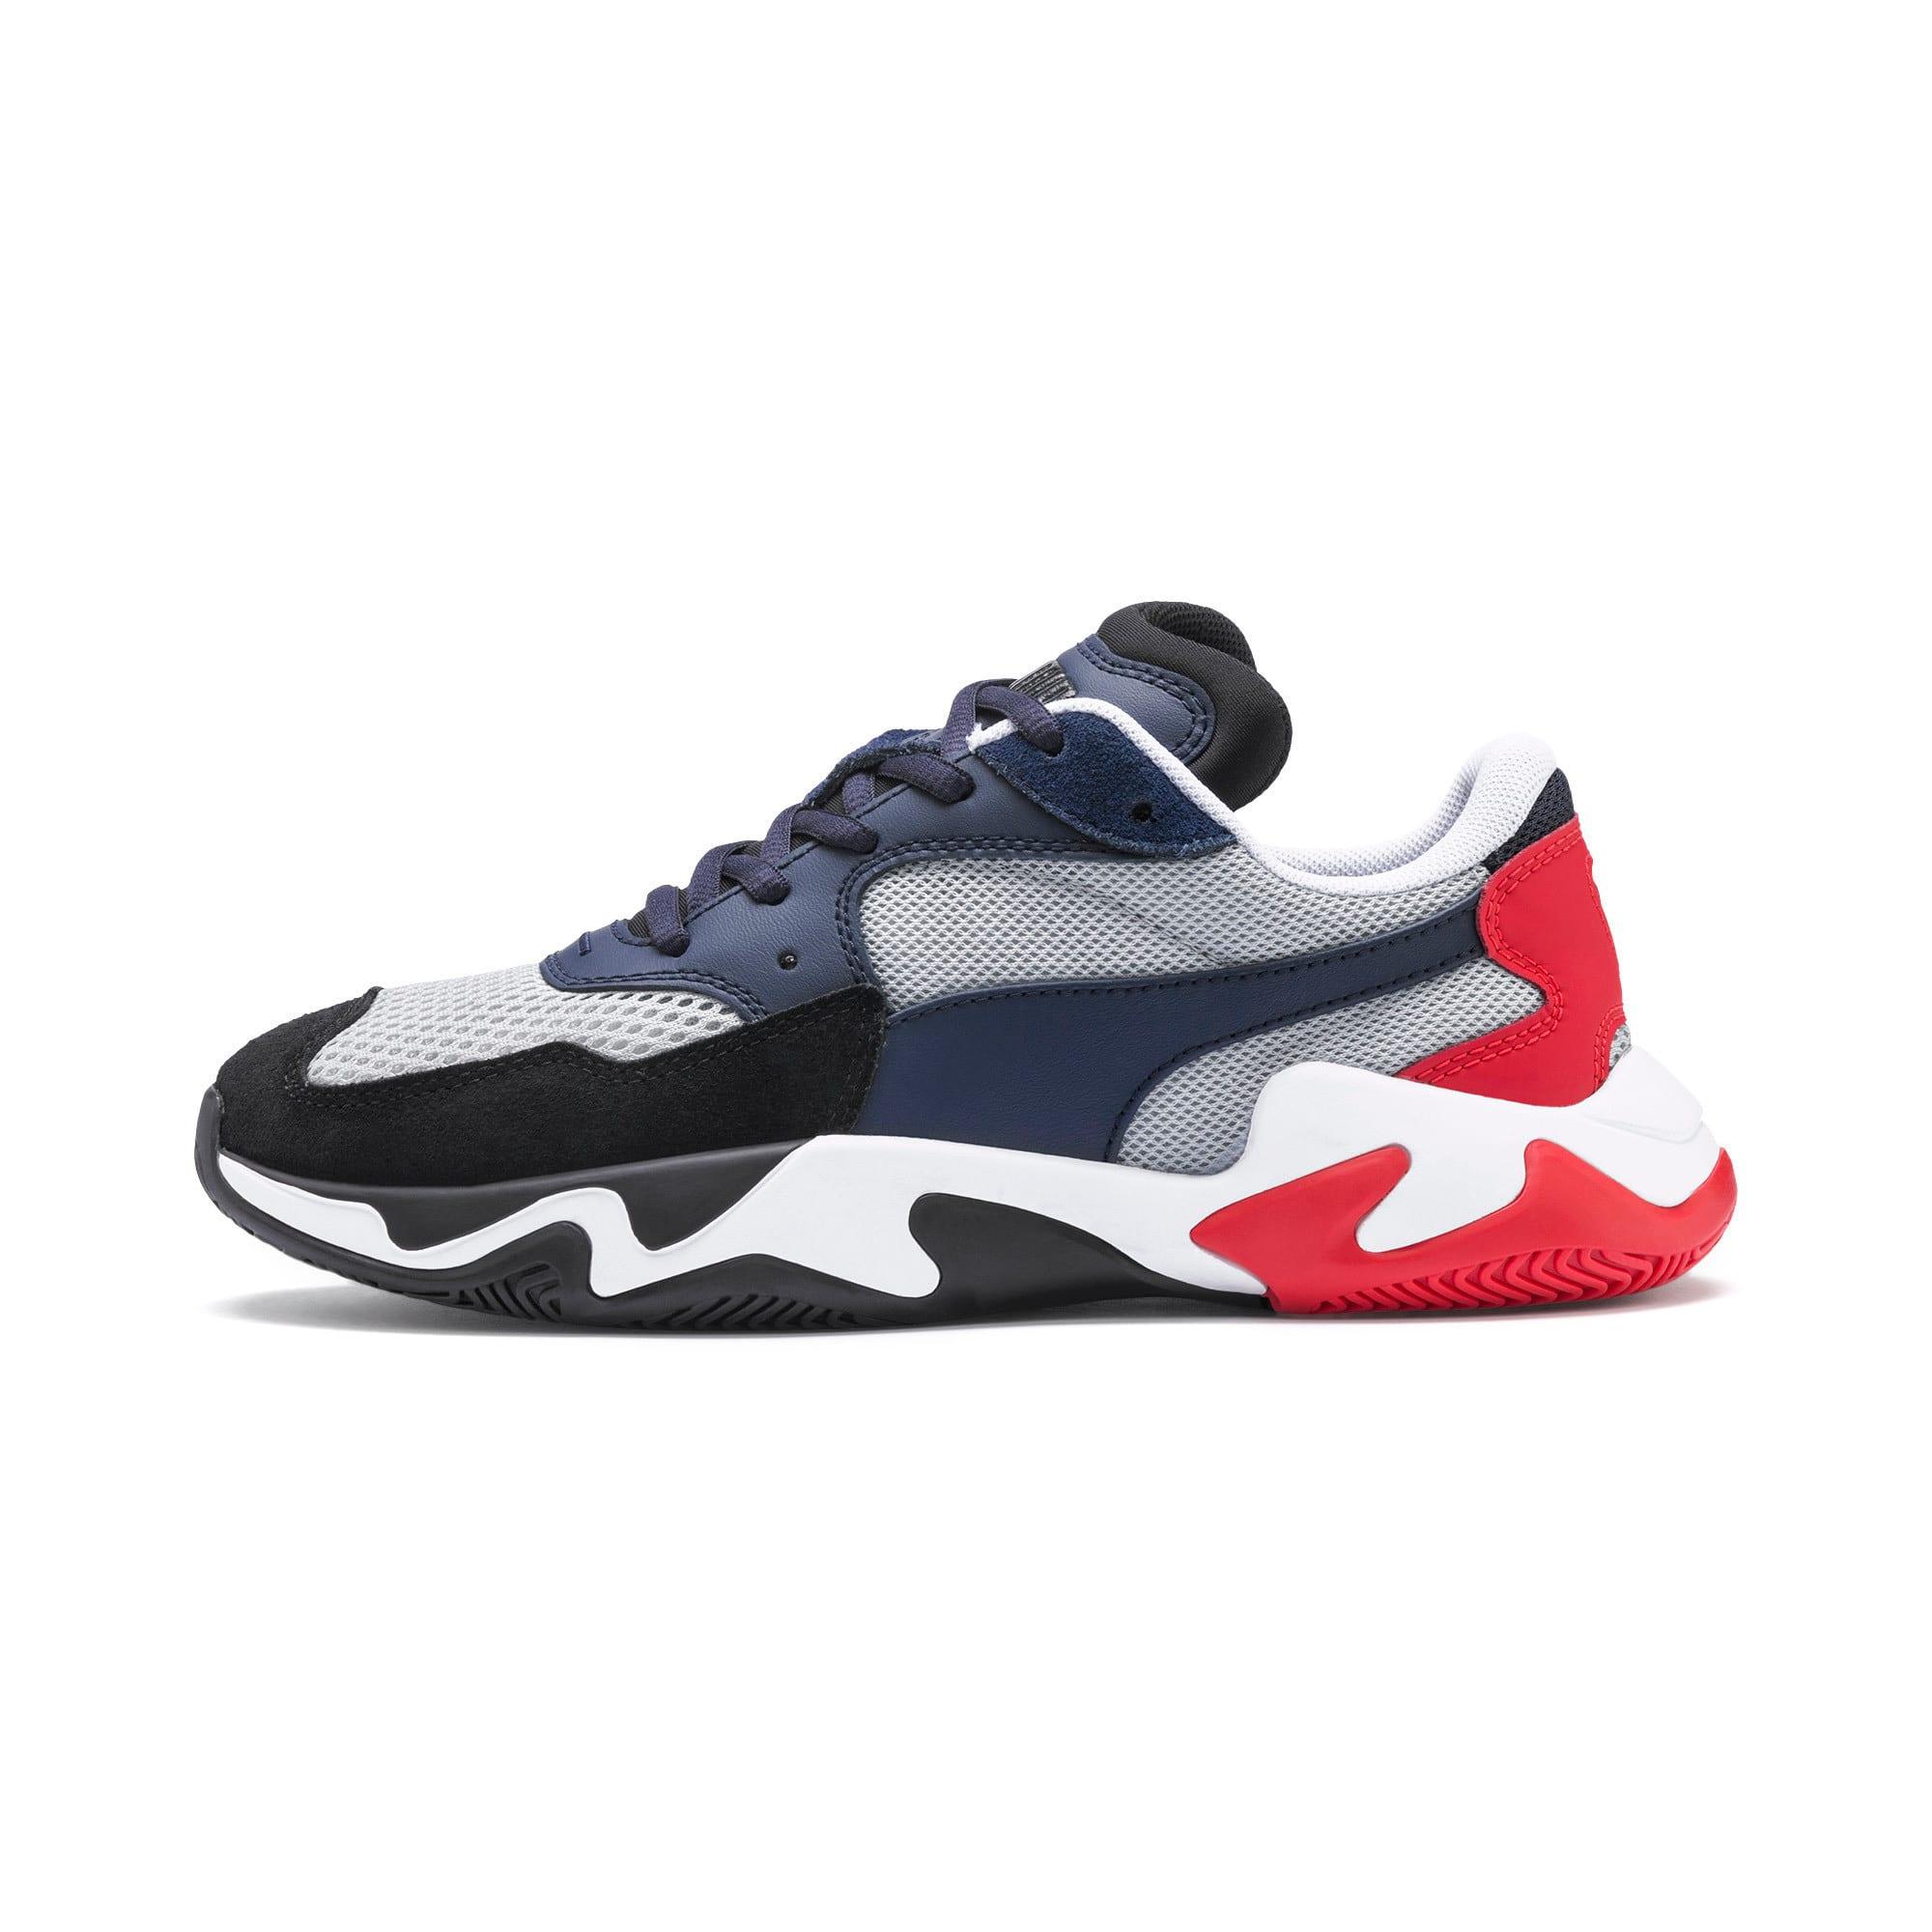 Thumbnail 1 of Storm Origin Sneakers JR, Puma Black-High Rise, medium